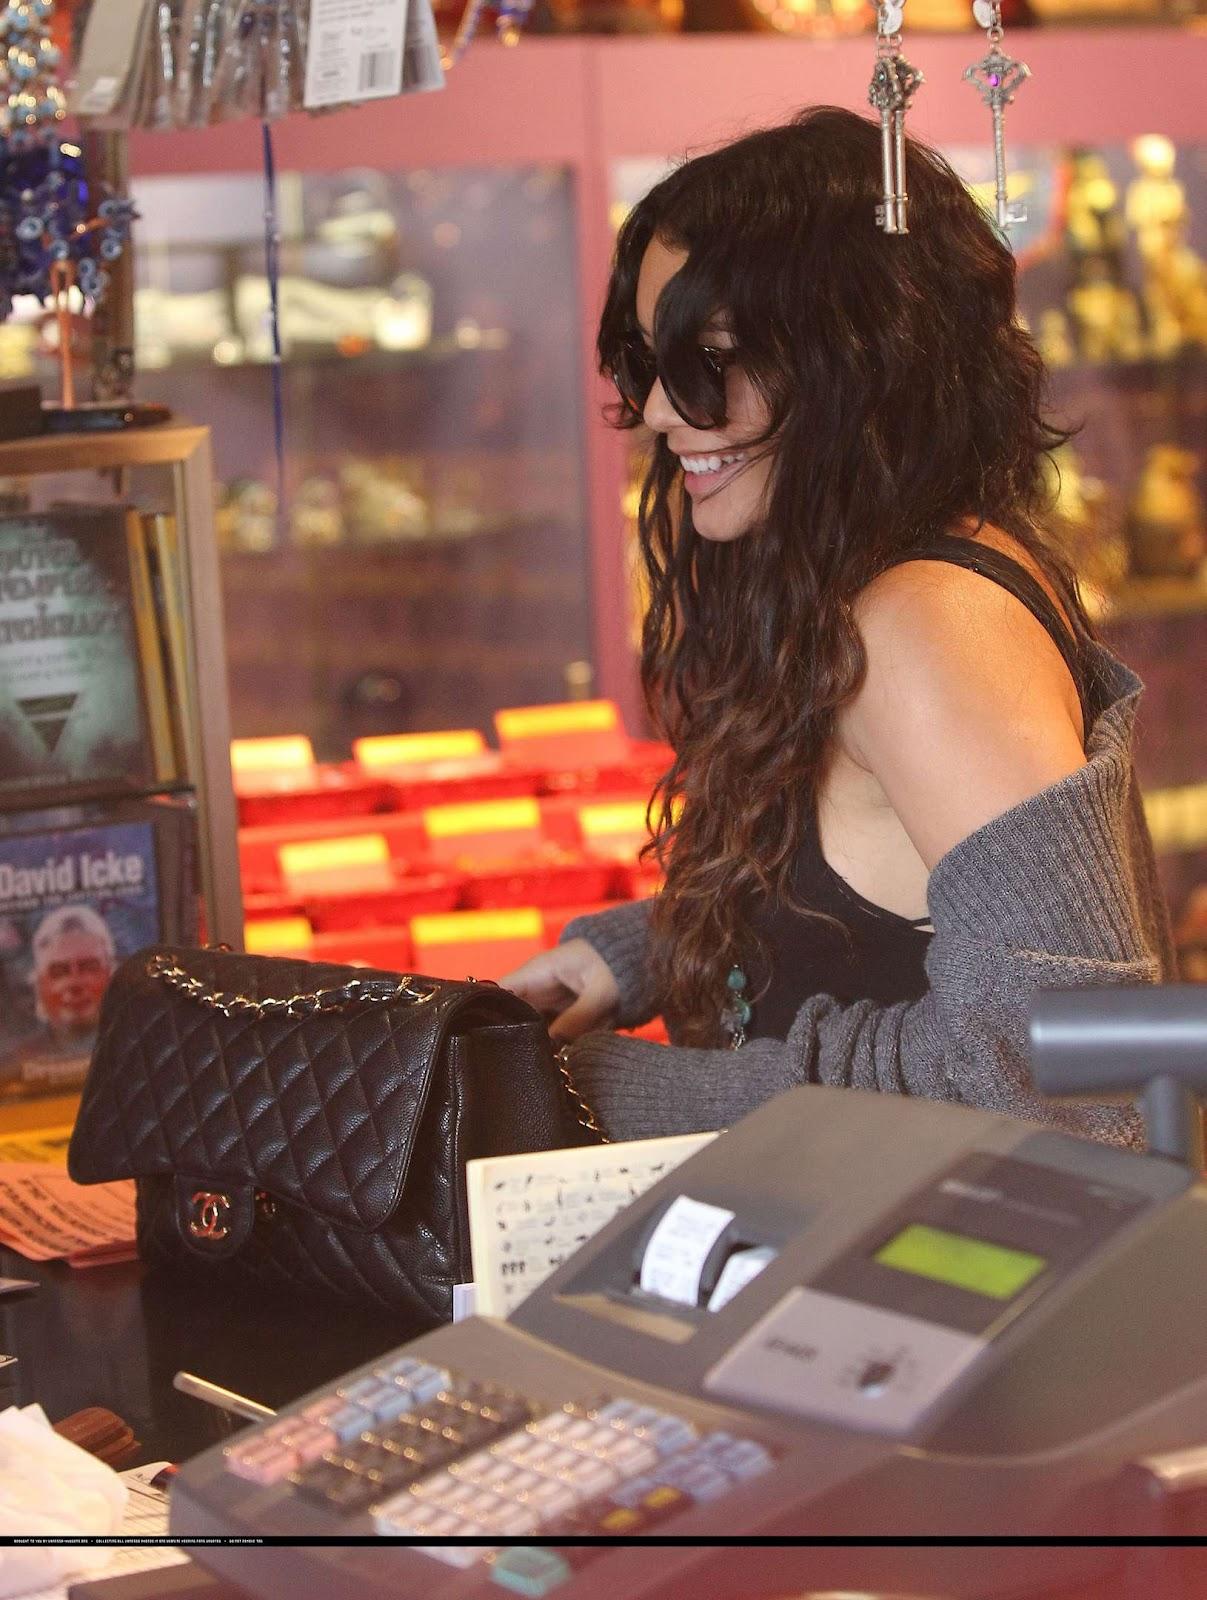 http://3.bp.blogspot.com/-3tr27J9MLGk/T6Qjl6Z3tnI/AAAAAAAAEEI/6CvbzofsV84/s1600/Vanessa_Hudgens_+shopping_in_Studio_City-10.jpg